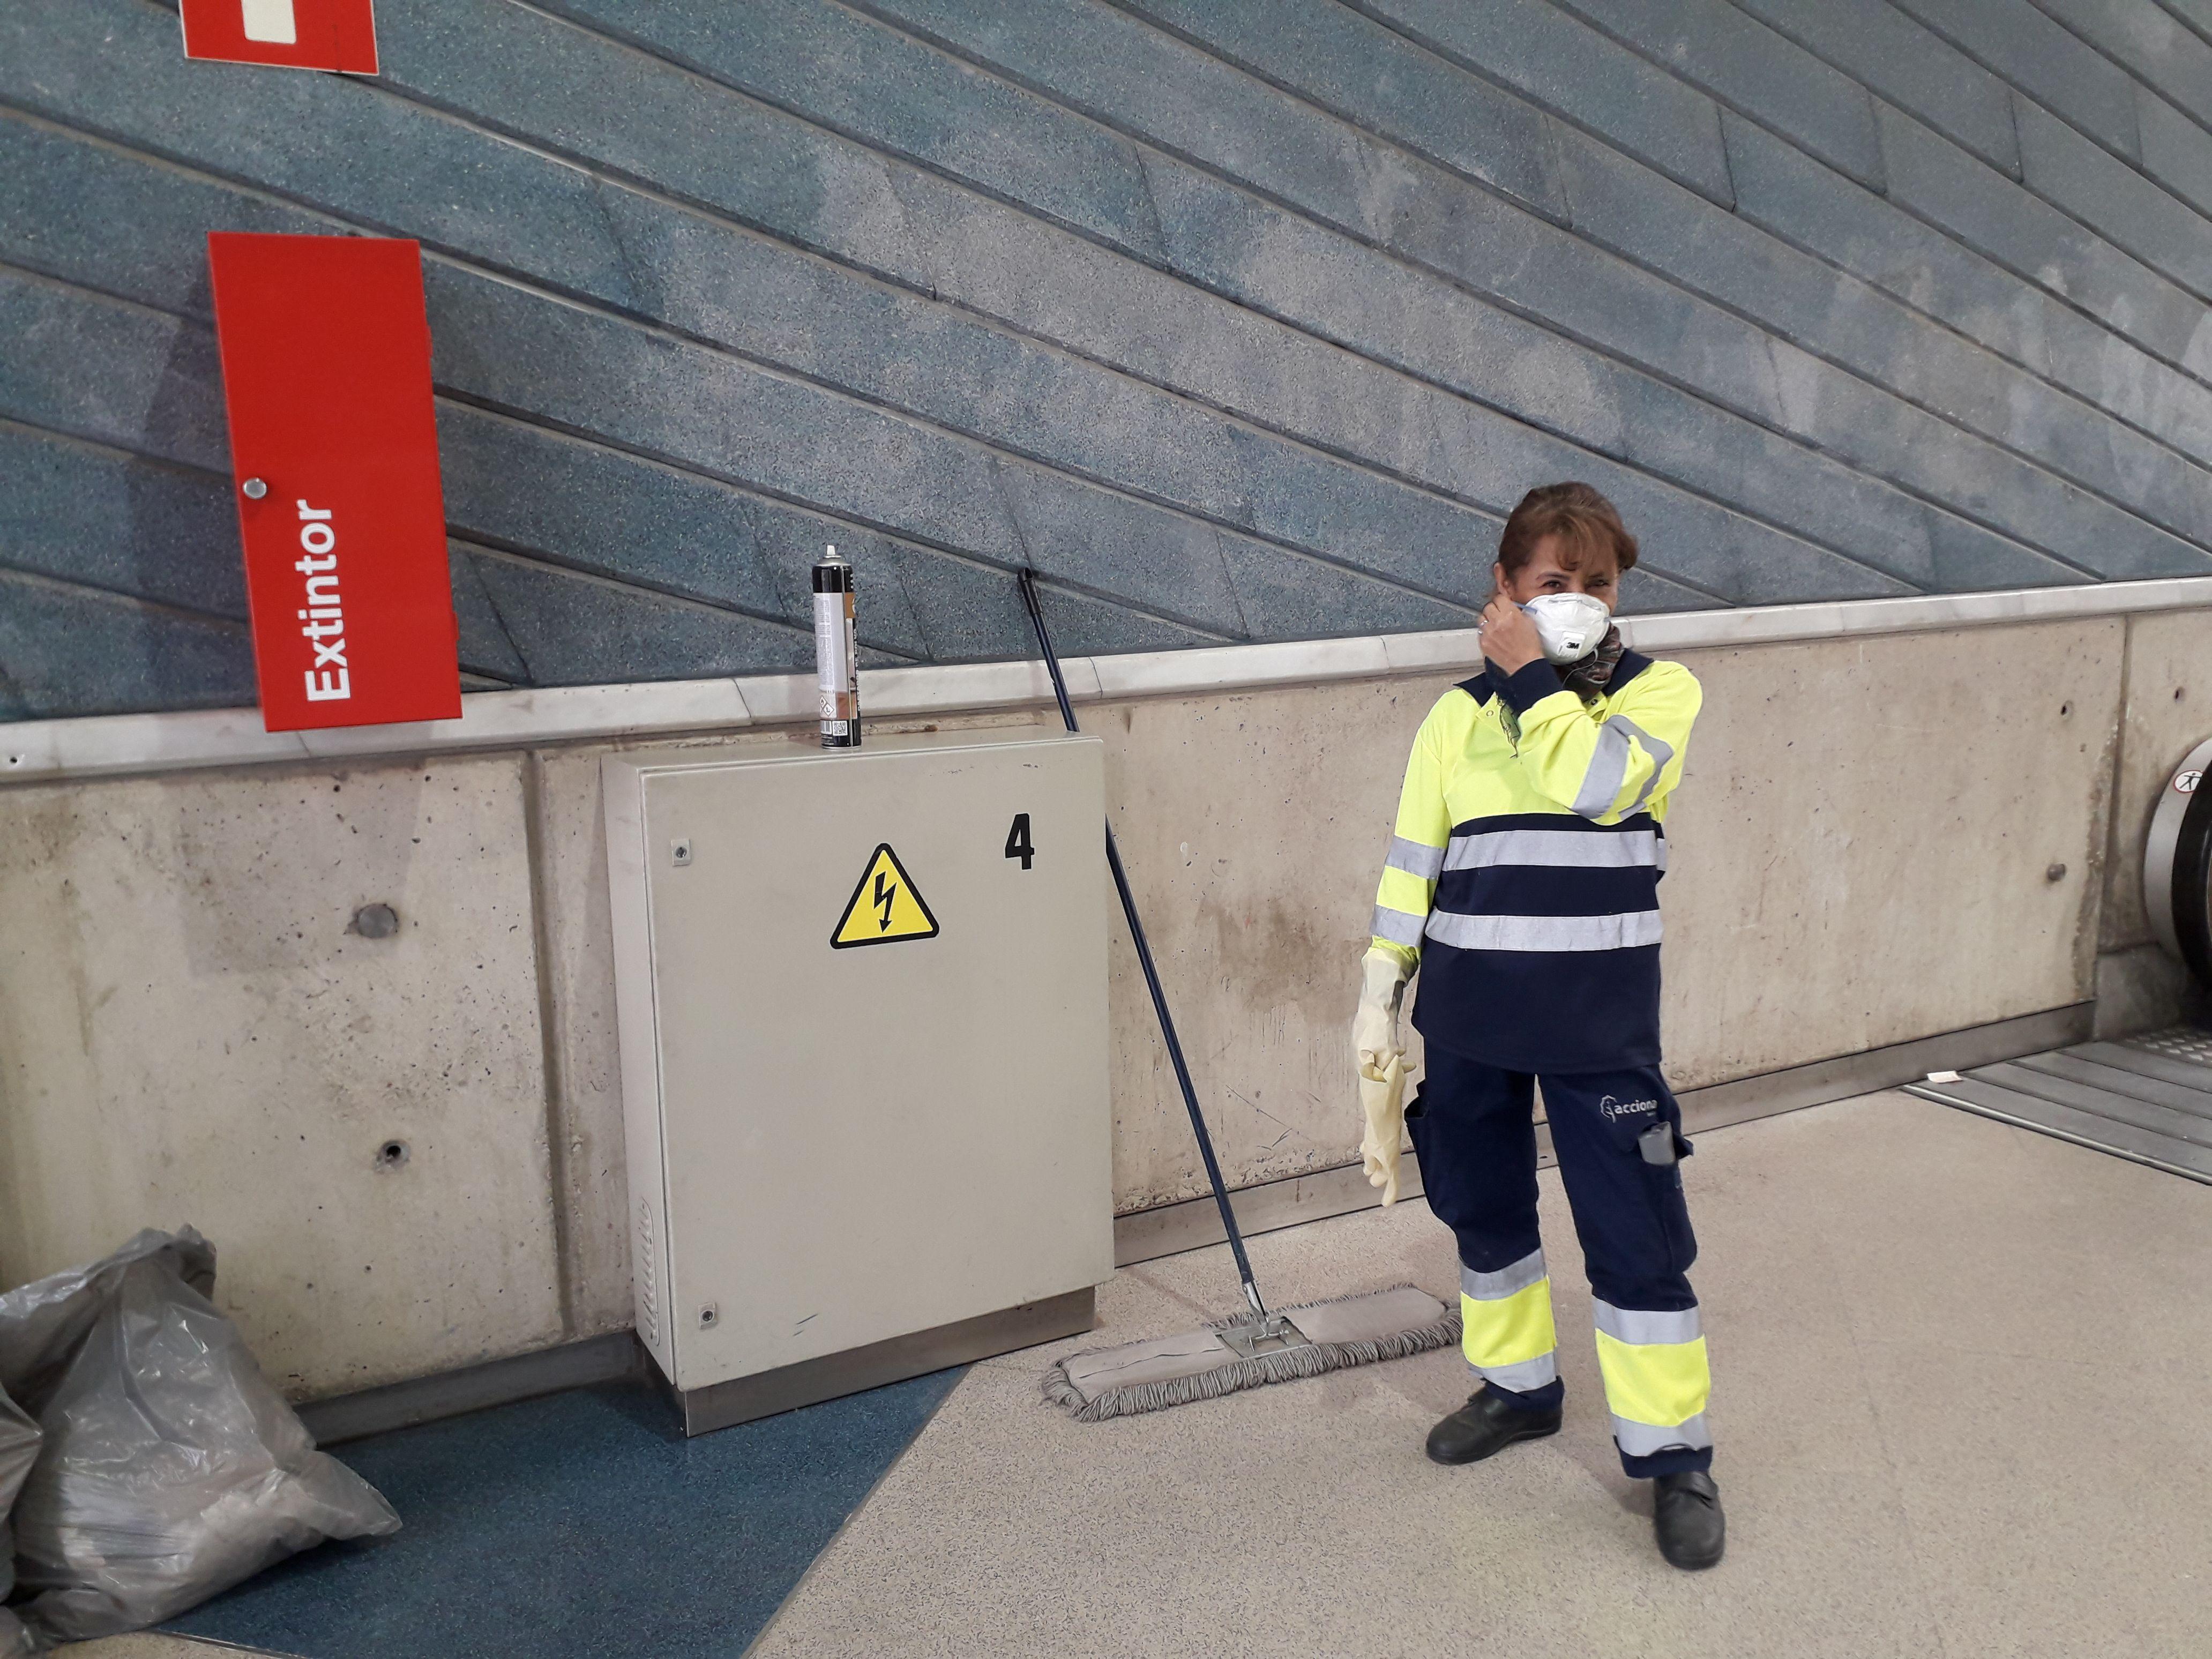 L'estat d'alarma només permetia anar a la feina als treballadors de serveis essencials. FOTO: Redacció